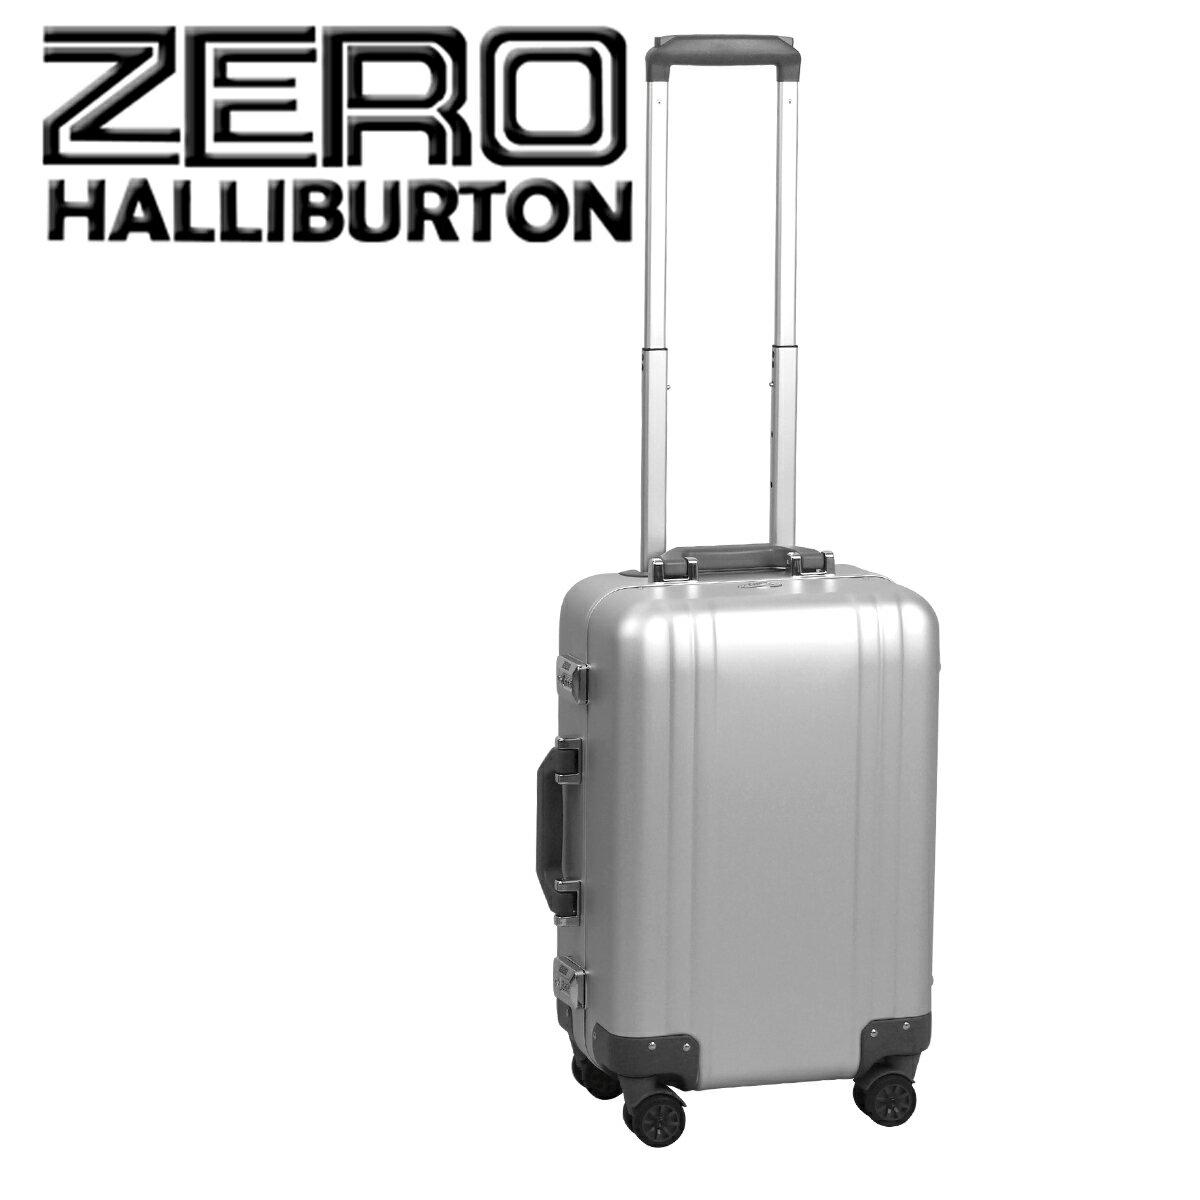 ゼロハリバートン クラシック アルミニウム 2.0 スーツケース/ビジネスケース シルバー Carry-On 4-Wheel Spinner Travel Case 4輪 機内持ち込み 北海道・沖縄は別途540円加算